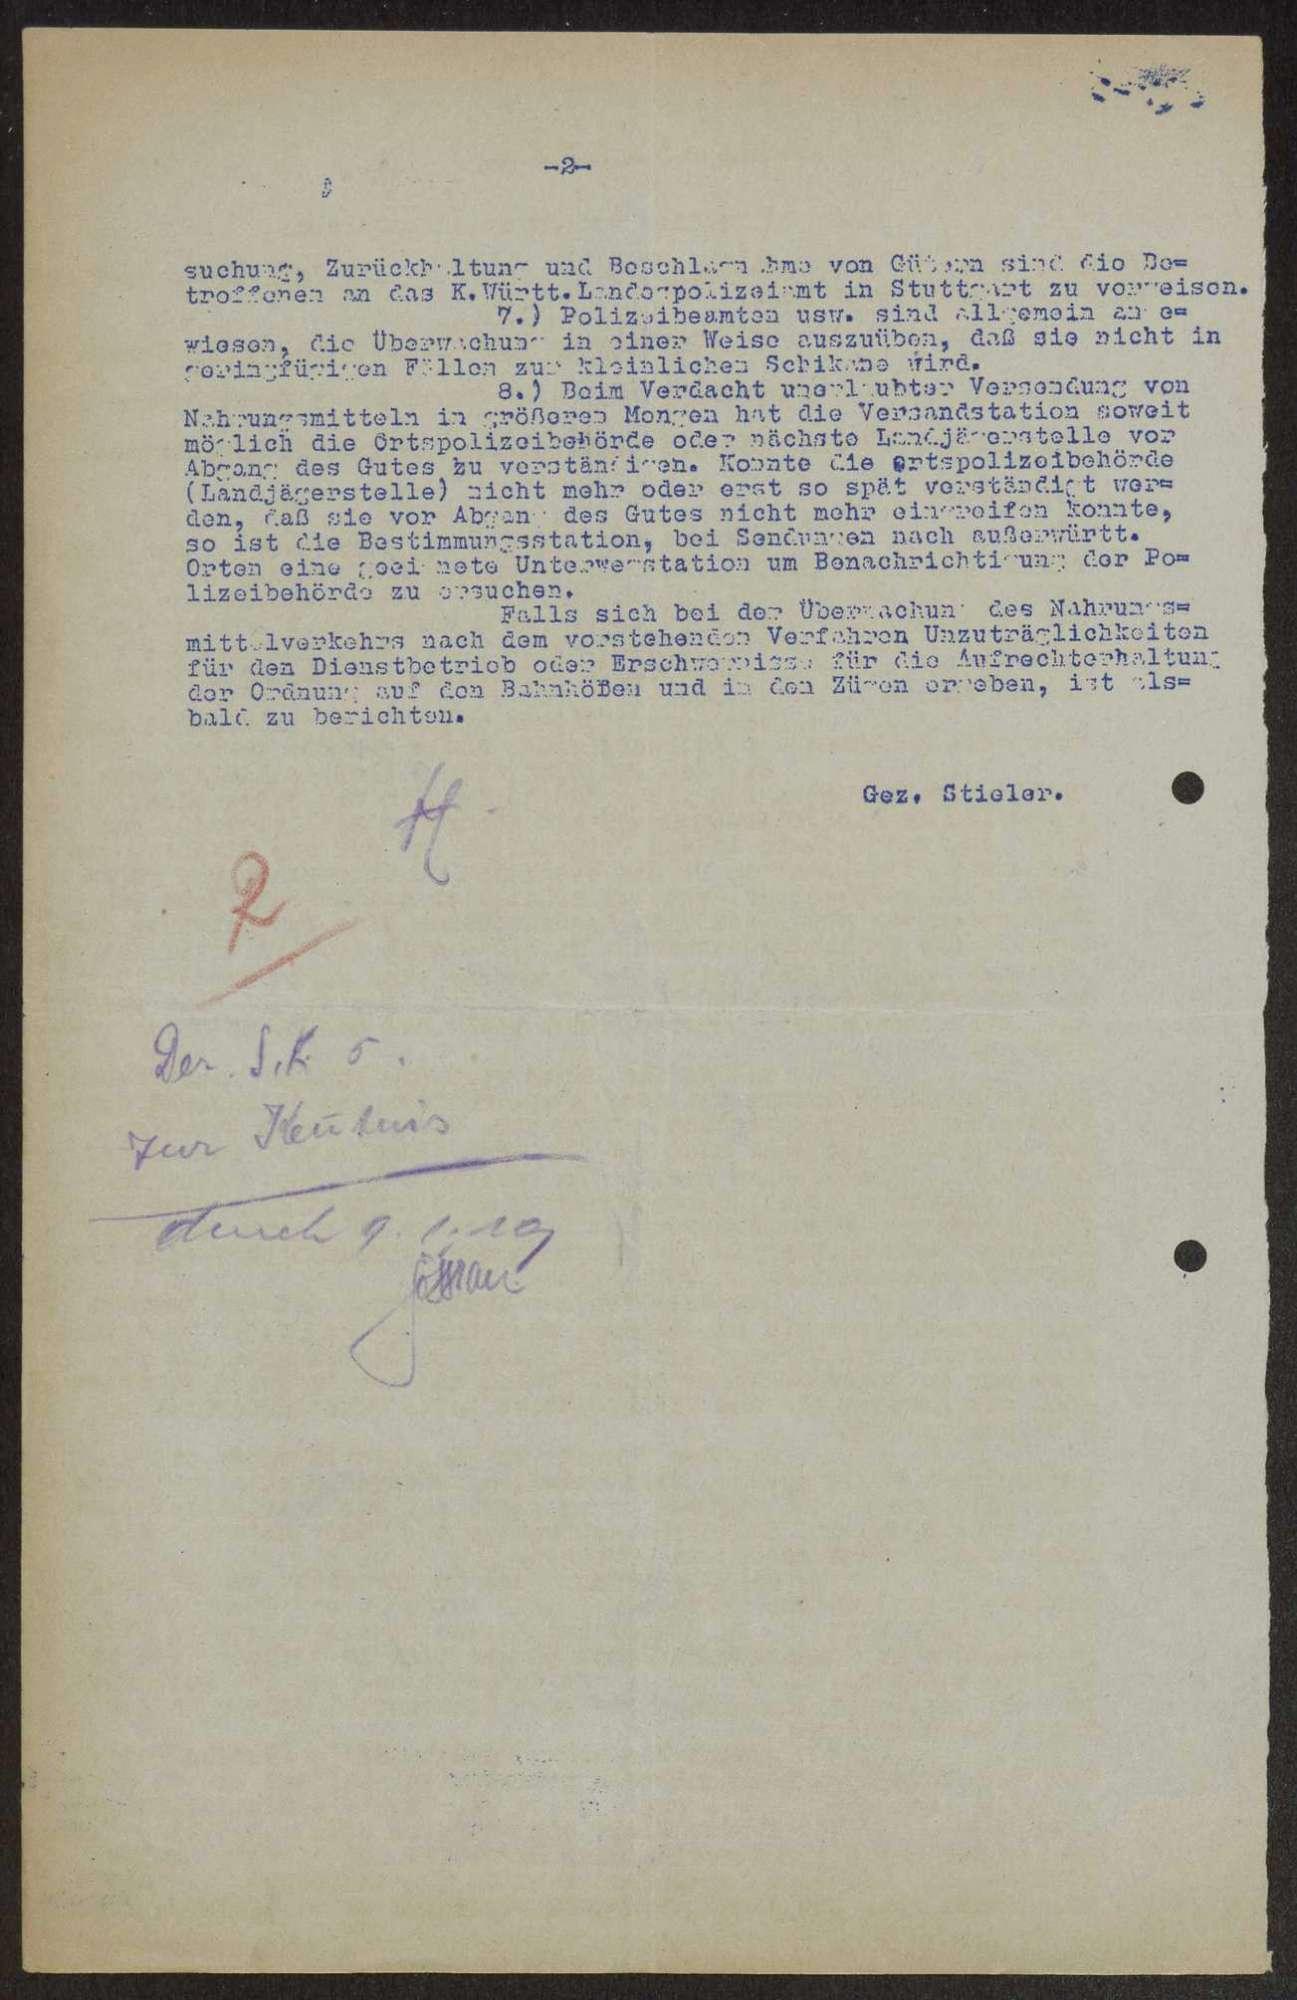 Allgemeine Verfügungen des Kriegsministeriums, Generalkommandos und anderer Stellen, Bild 2